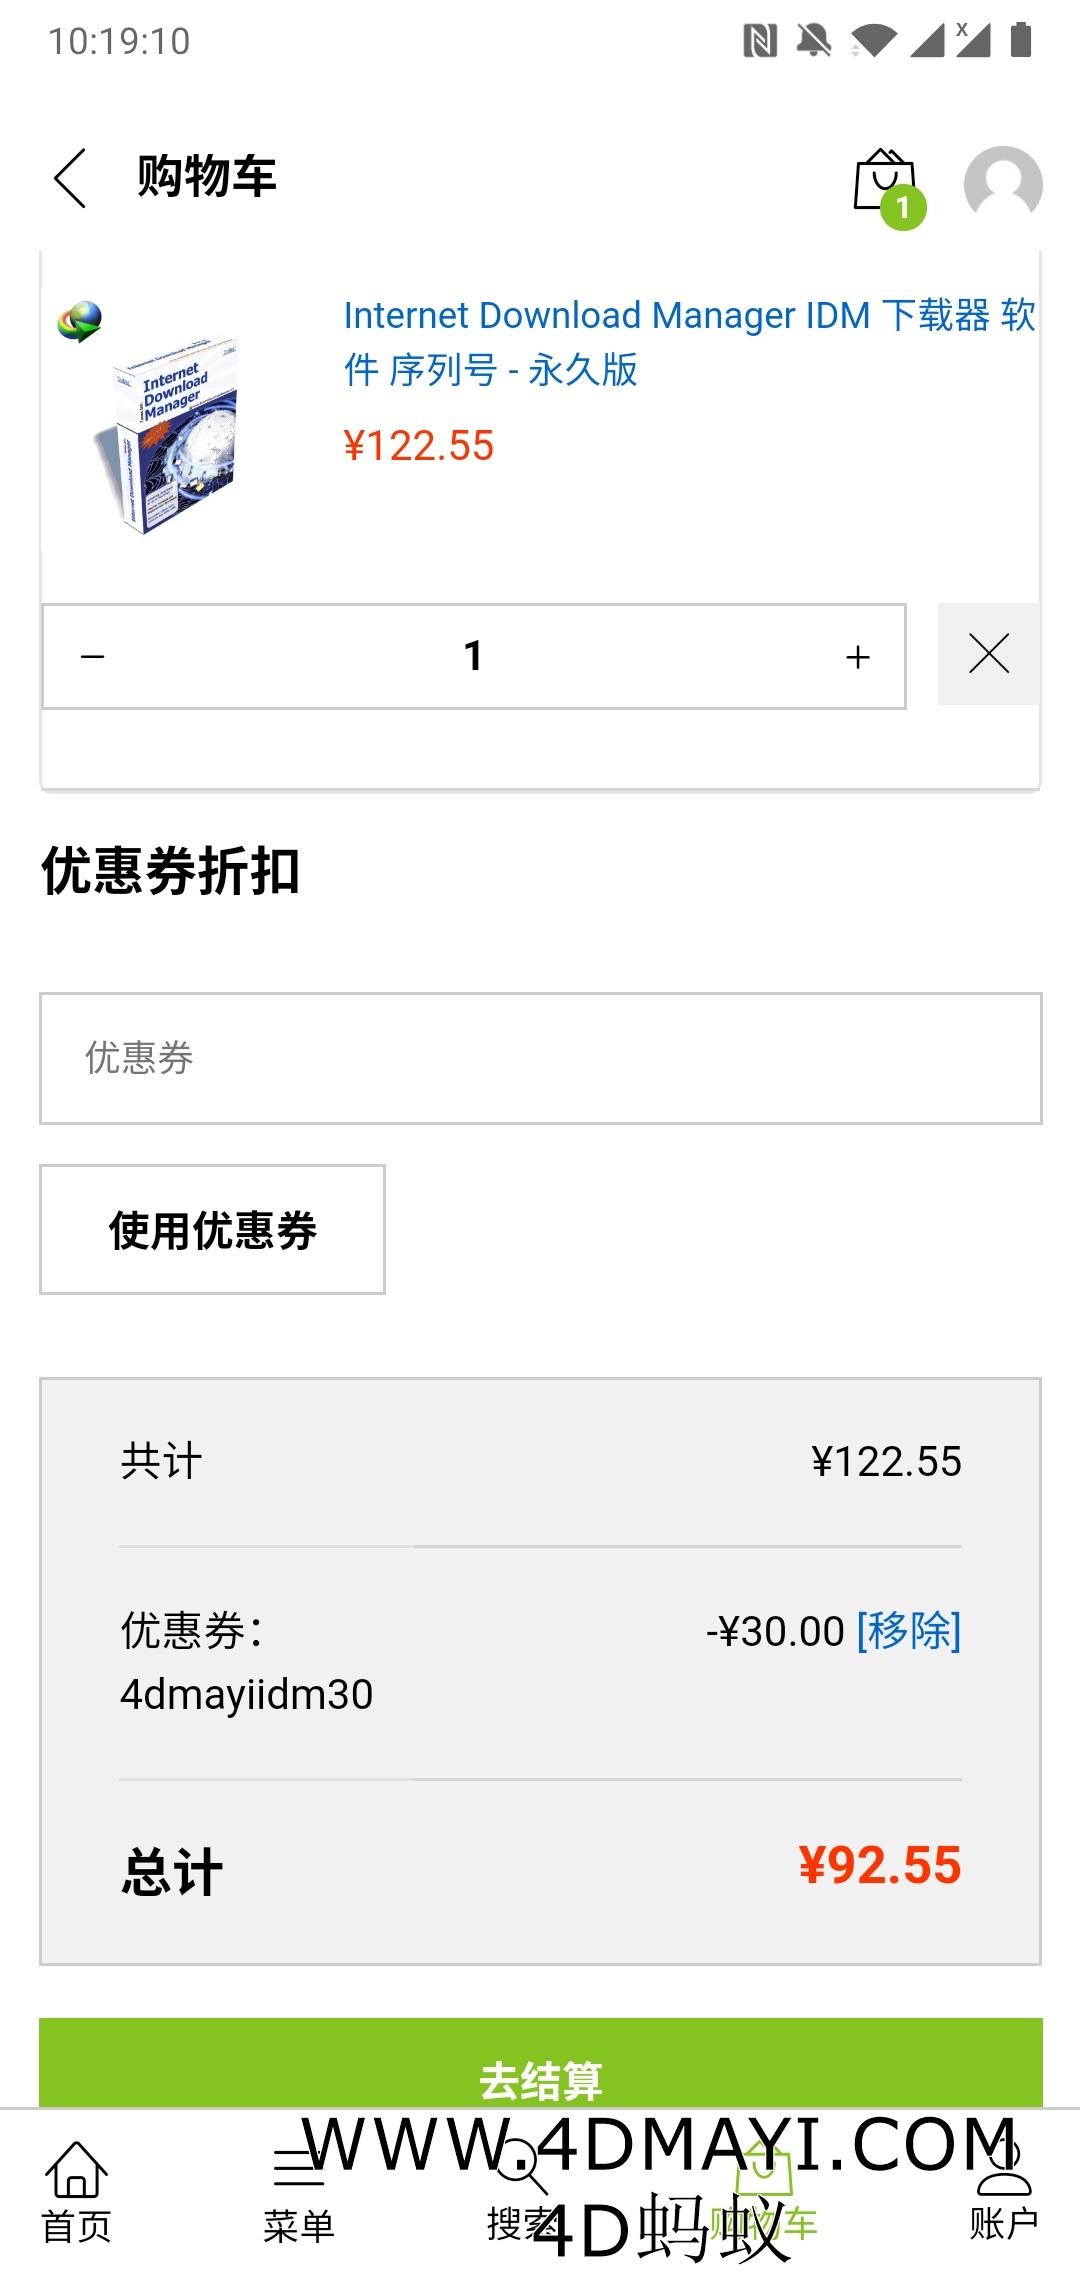 【永久版特价¥92.55】IDM 官方正版 Internet Download Manager 下载神器 -APSGO软购商城特价促销